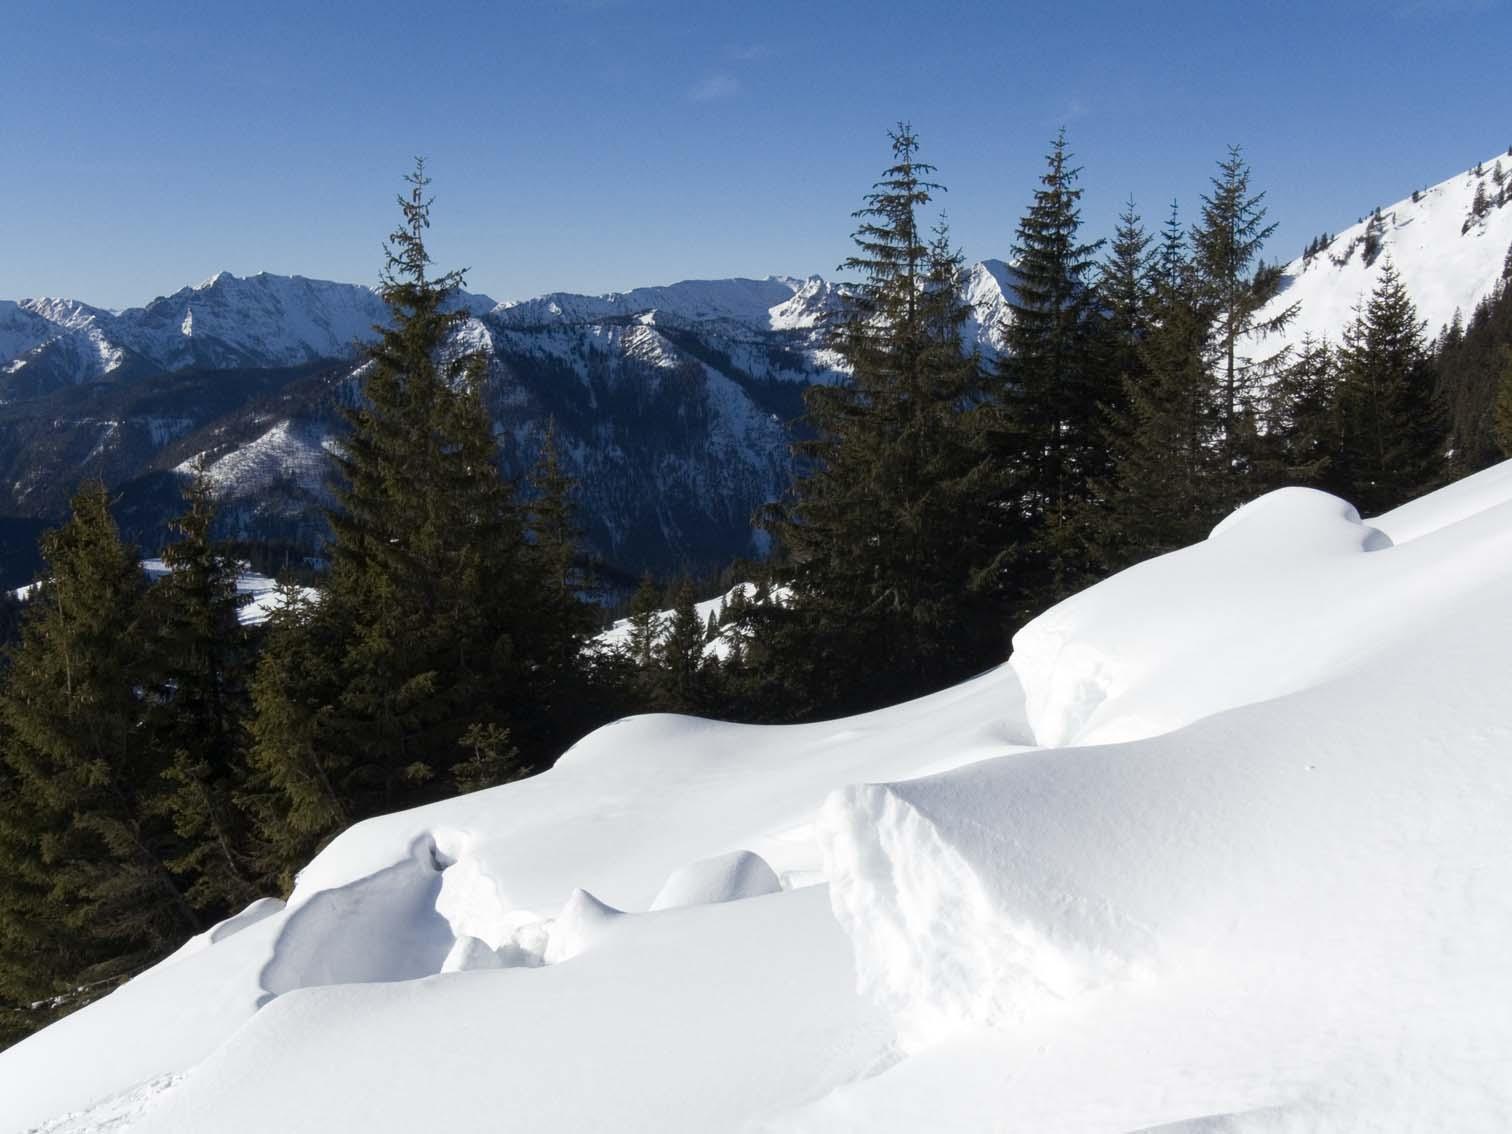 Riskante Schneedecke auf grasigem Untergrund